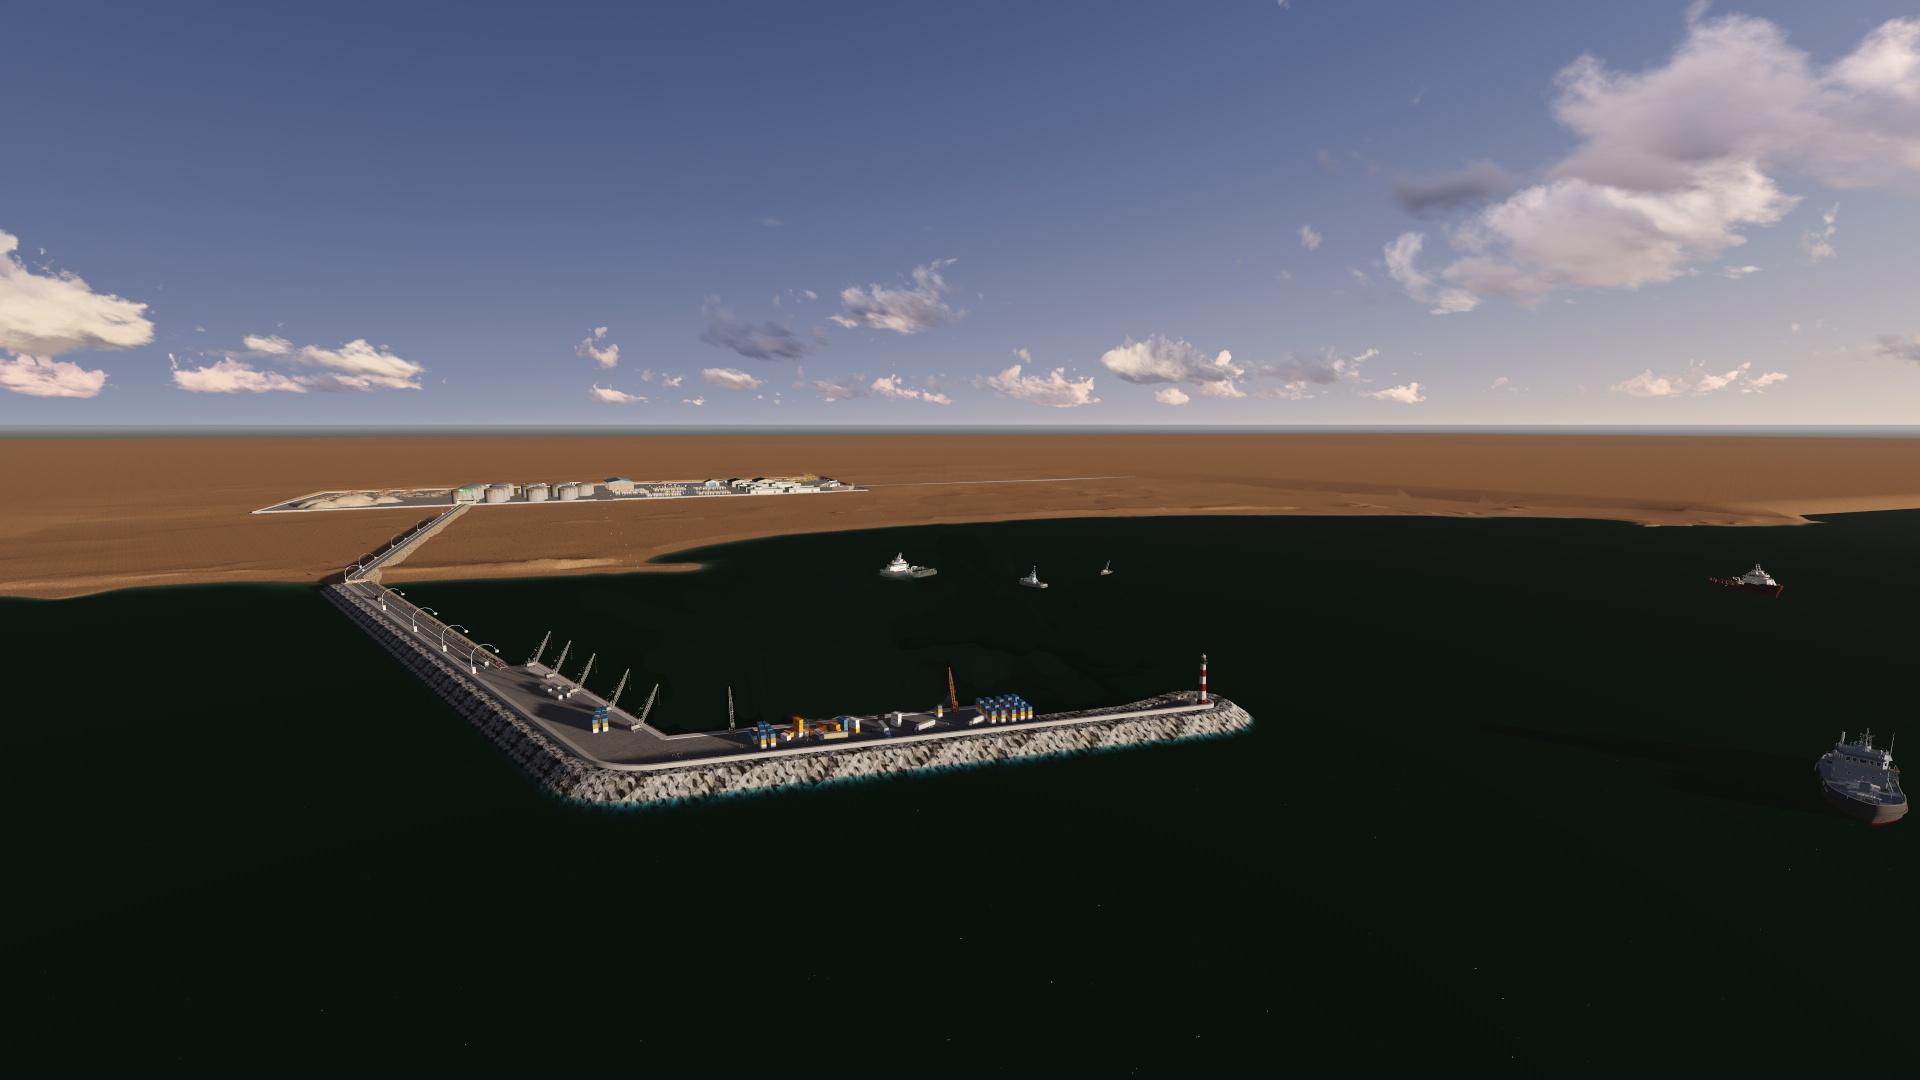 garacad port.png